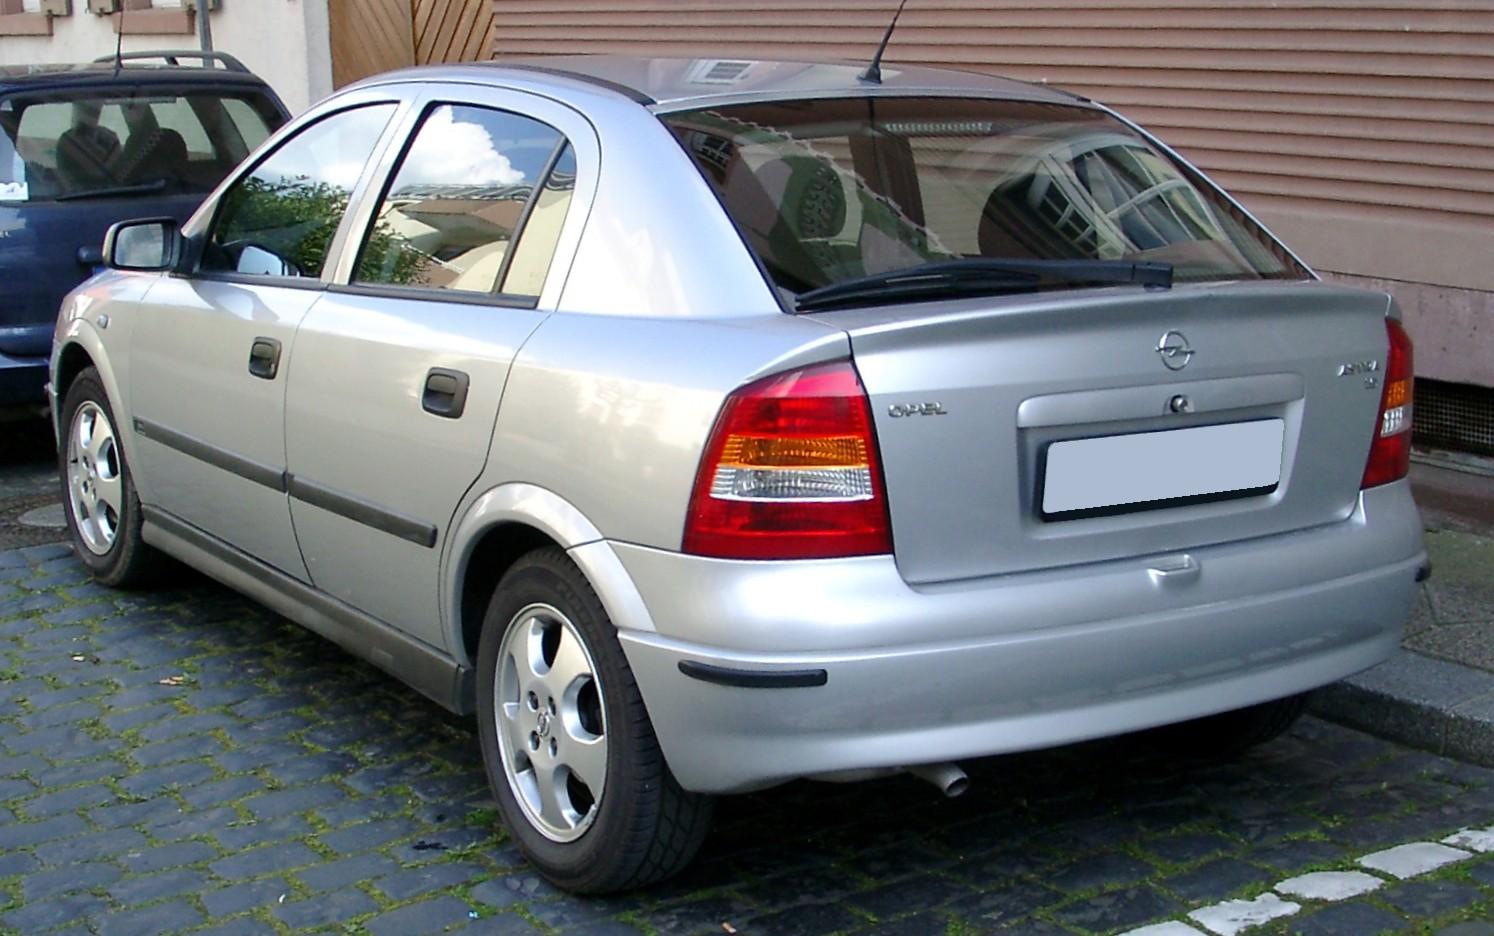 Скільки коштують старі авто в Україні та Німеччині: порівняння цін